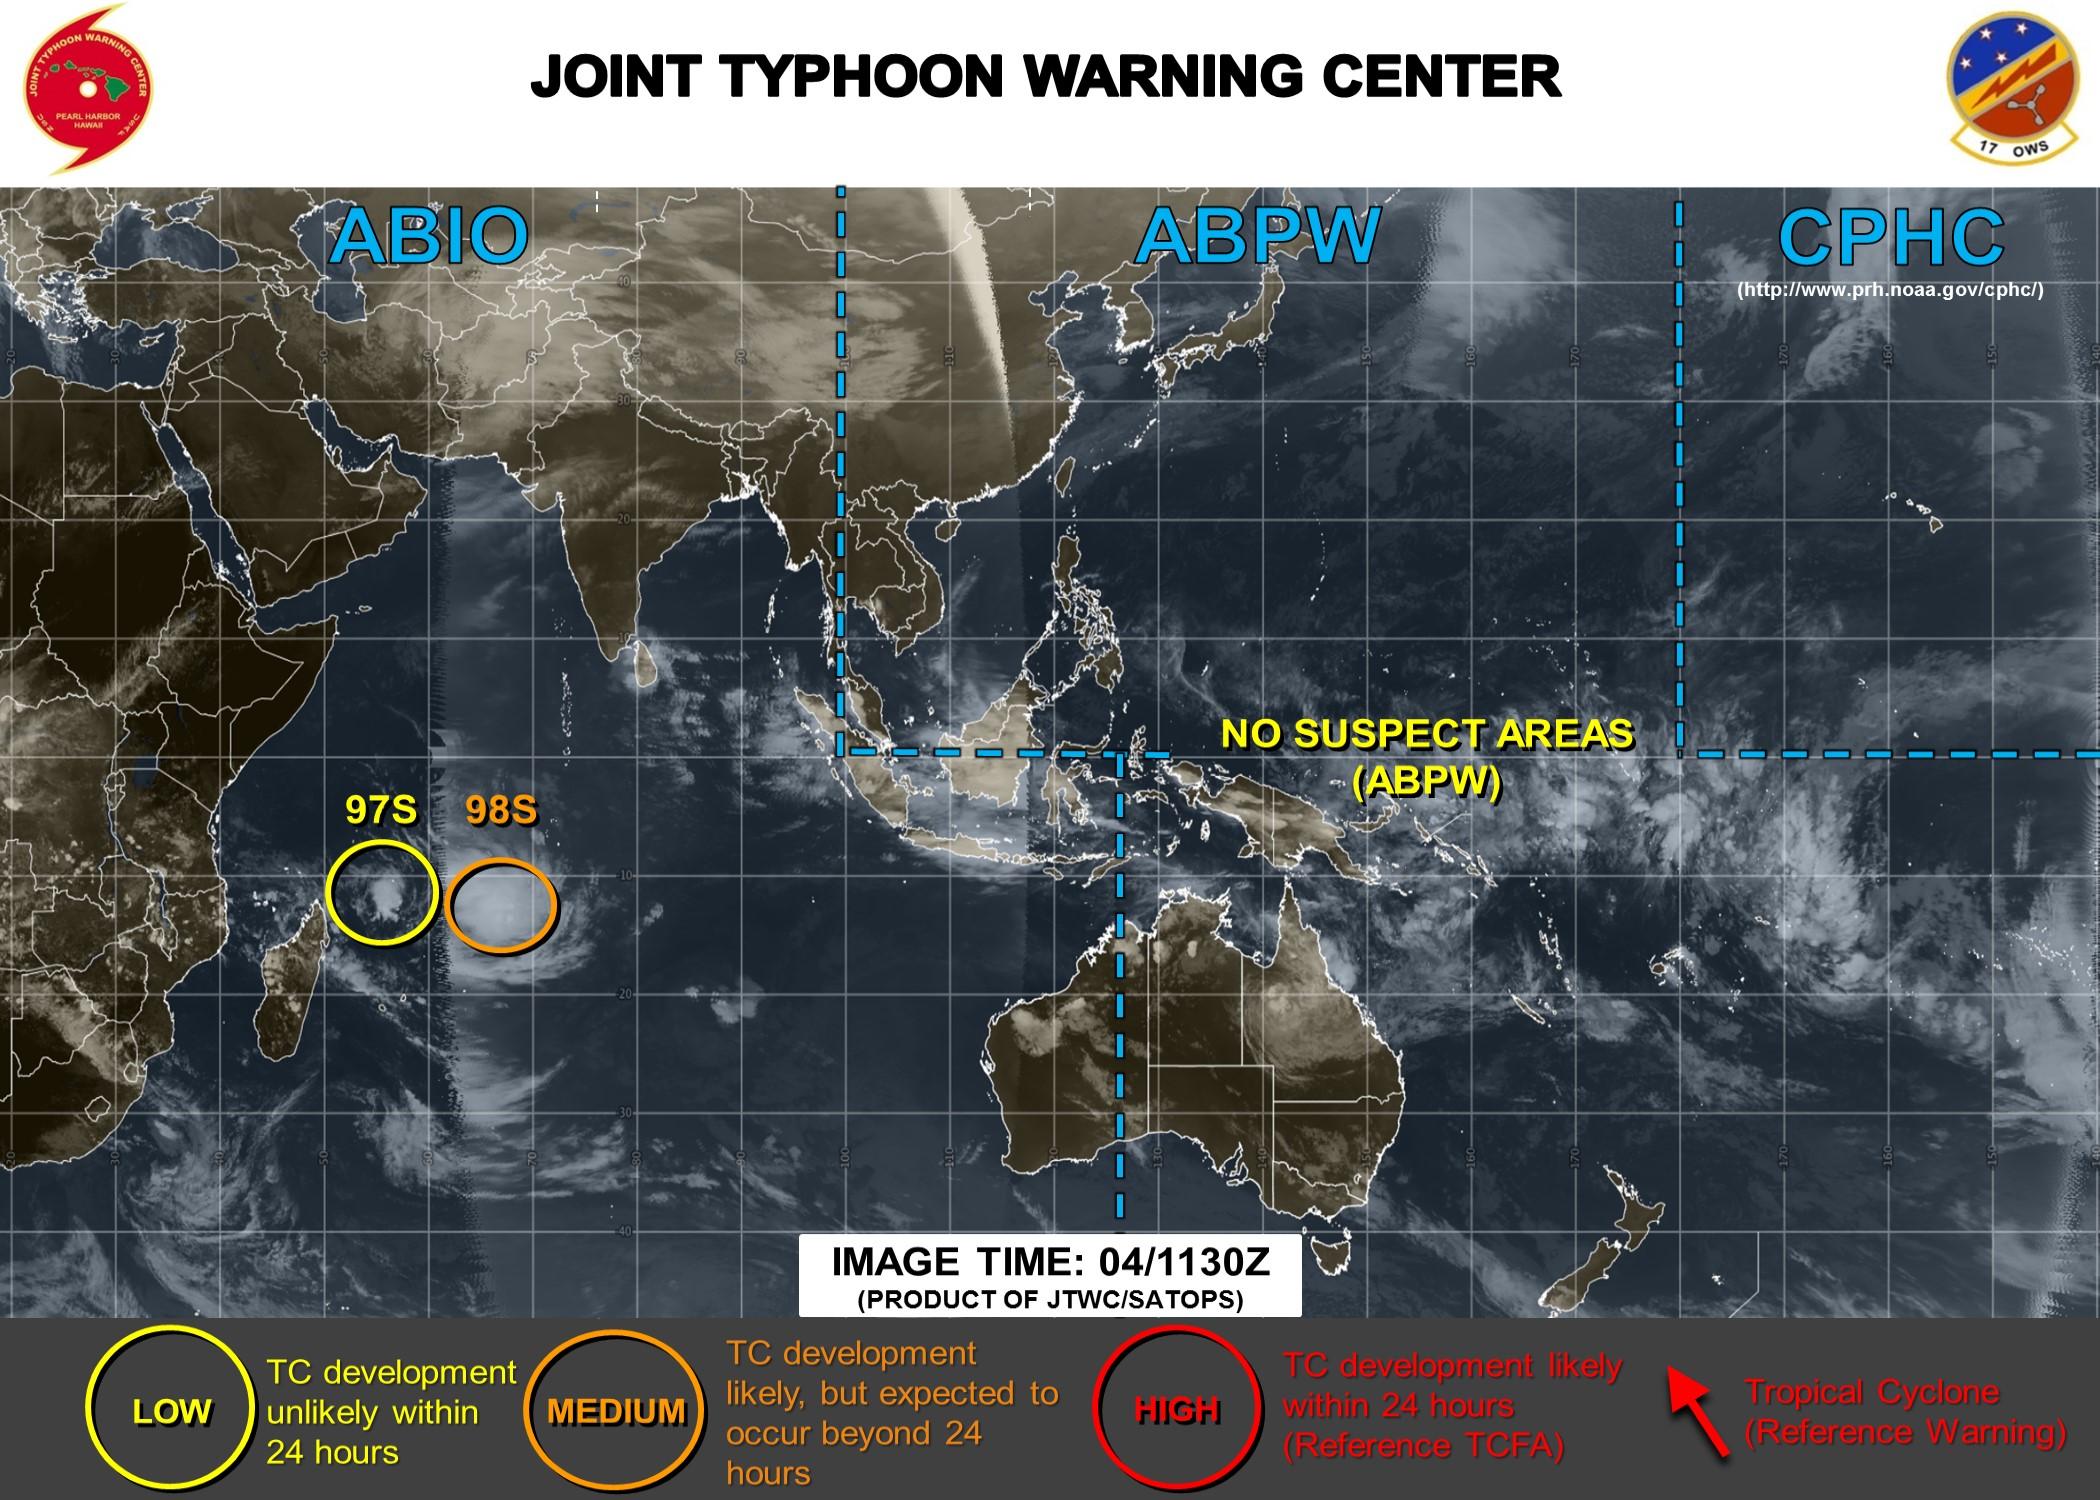 98S et 97S sont sur les cartes du Joint Typhoon Warning Center qui estime les chances de développement de 98S supérieures à courte échéance. 97S pourrait s'intensifier à moyenne échéance.